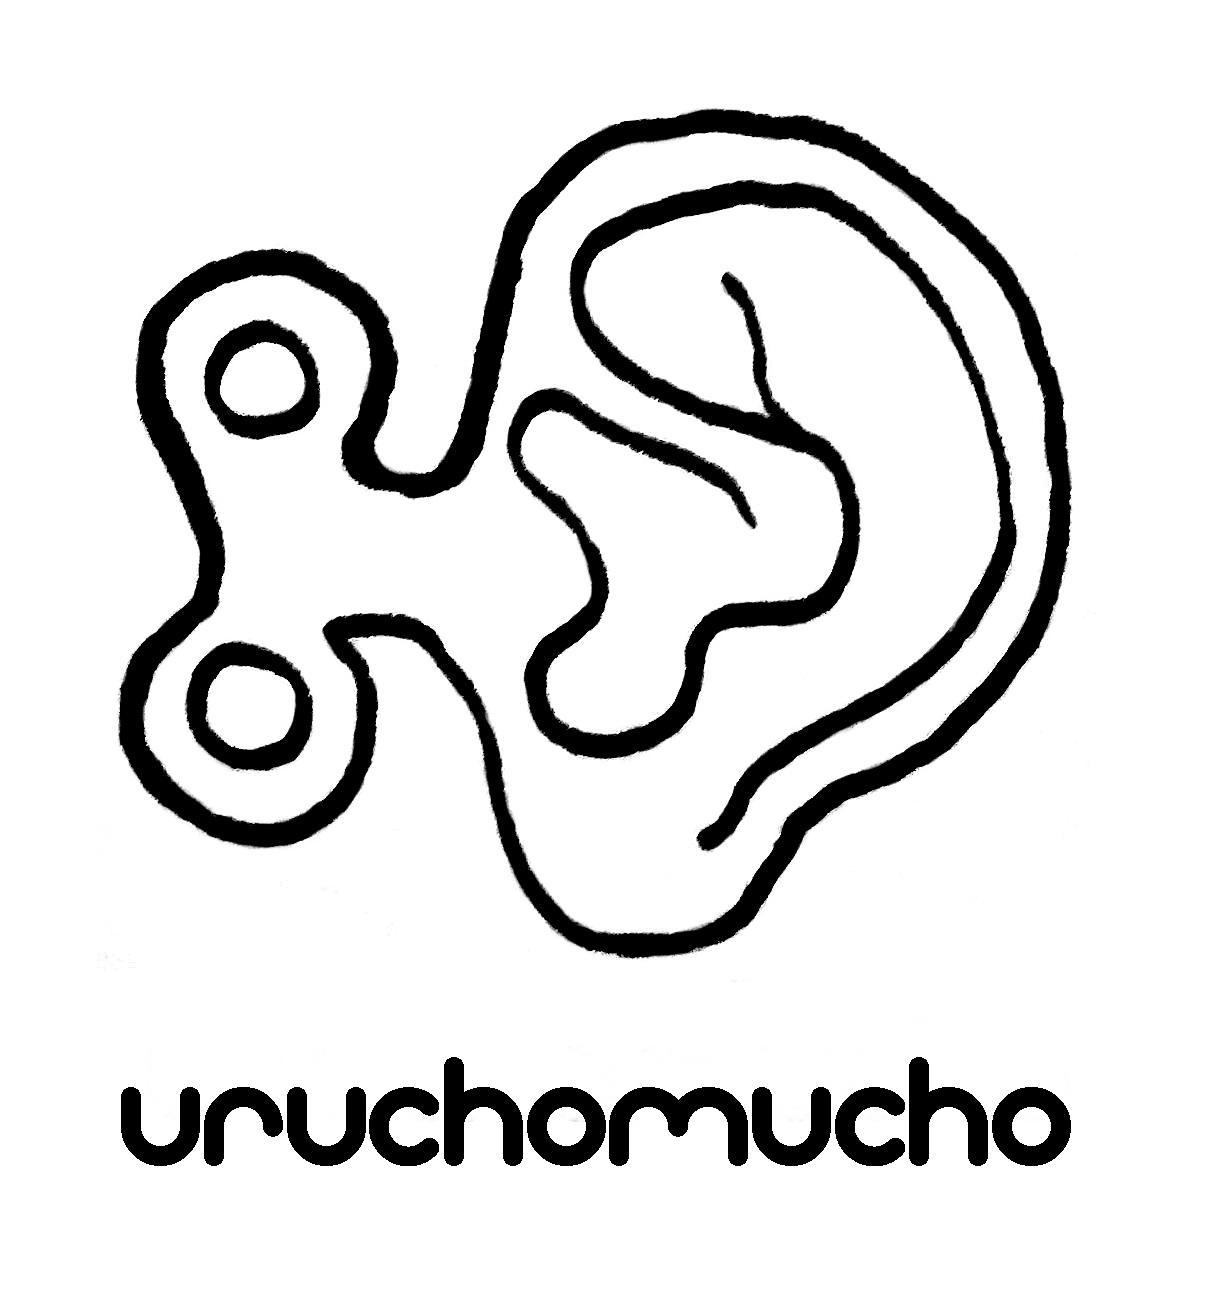 uruchomucho